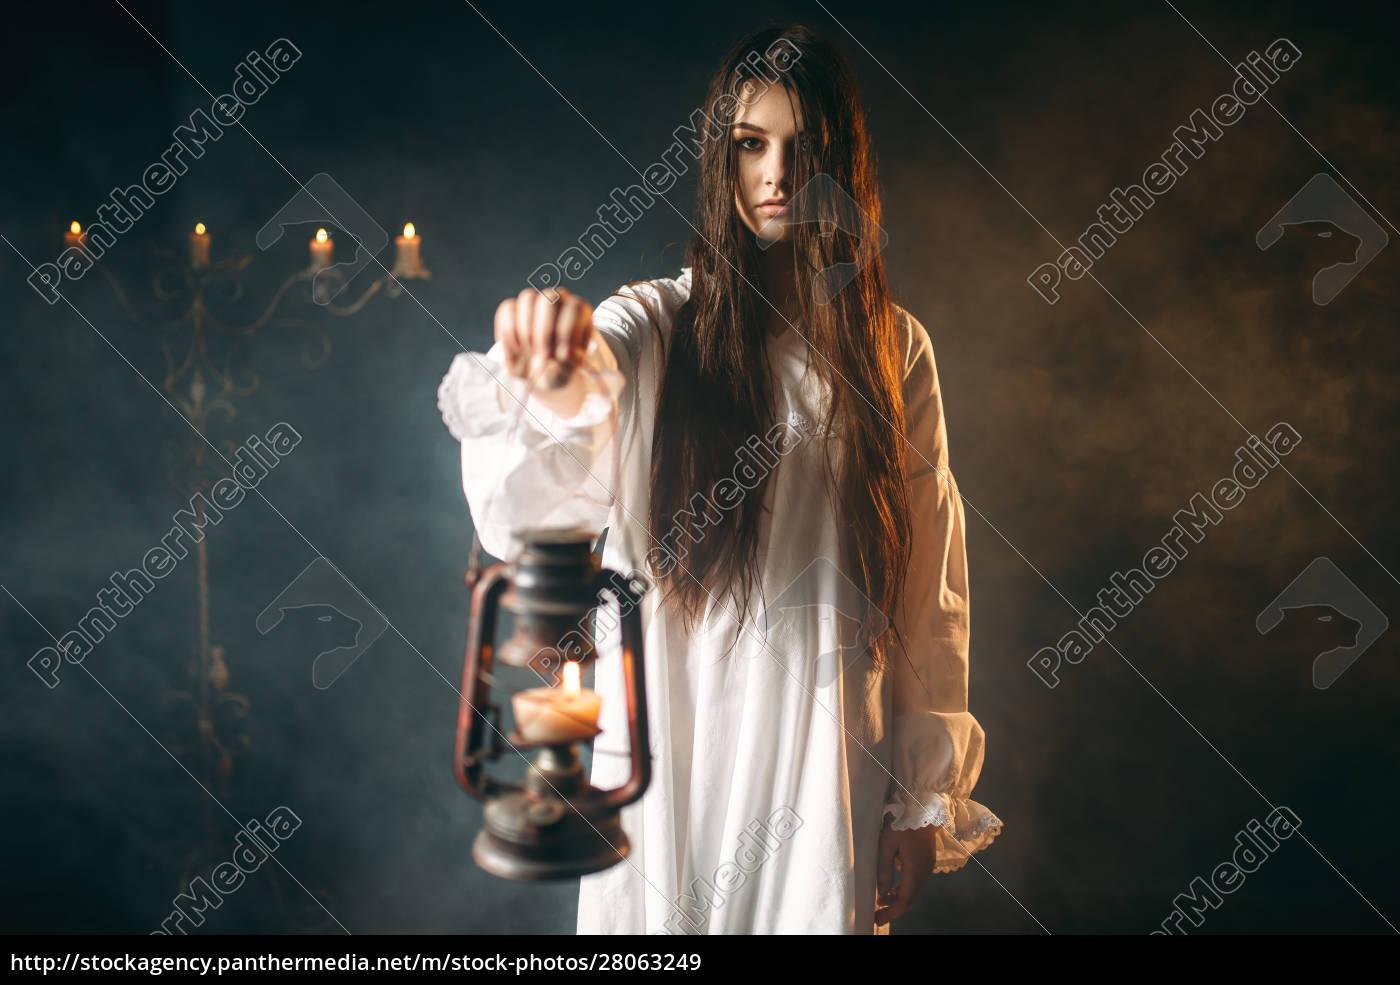 female, person, holds, kerosene, lamp, , dark - 28063249